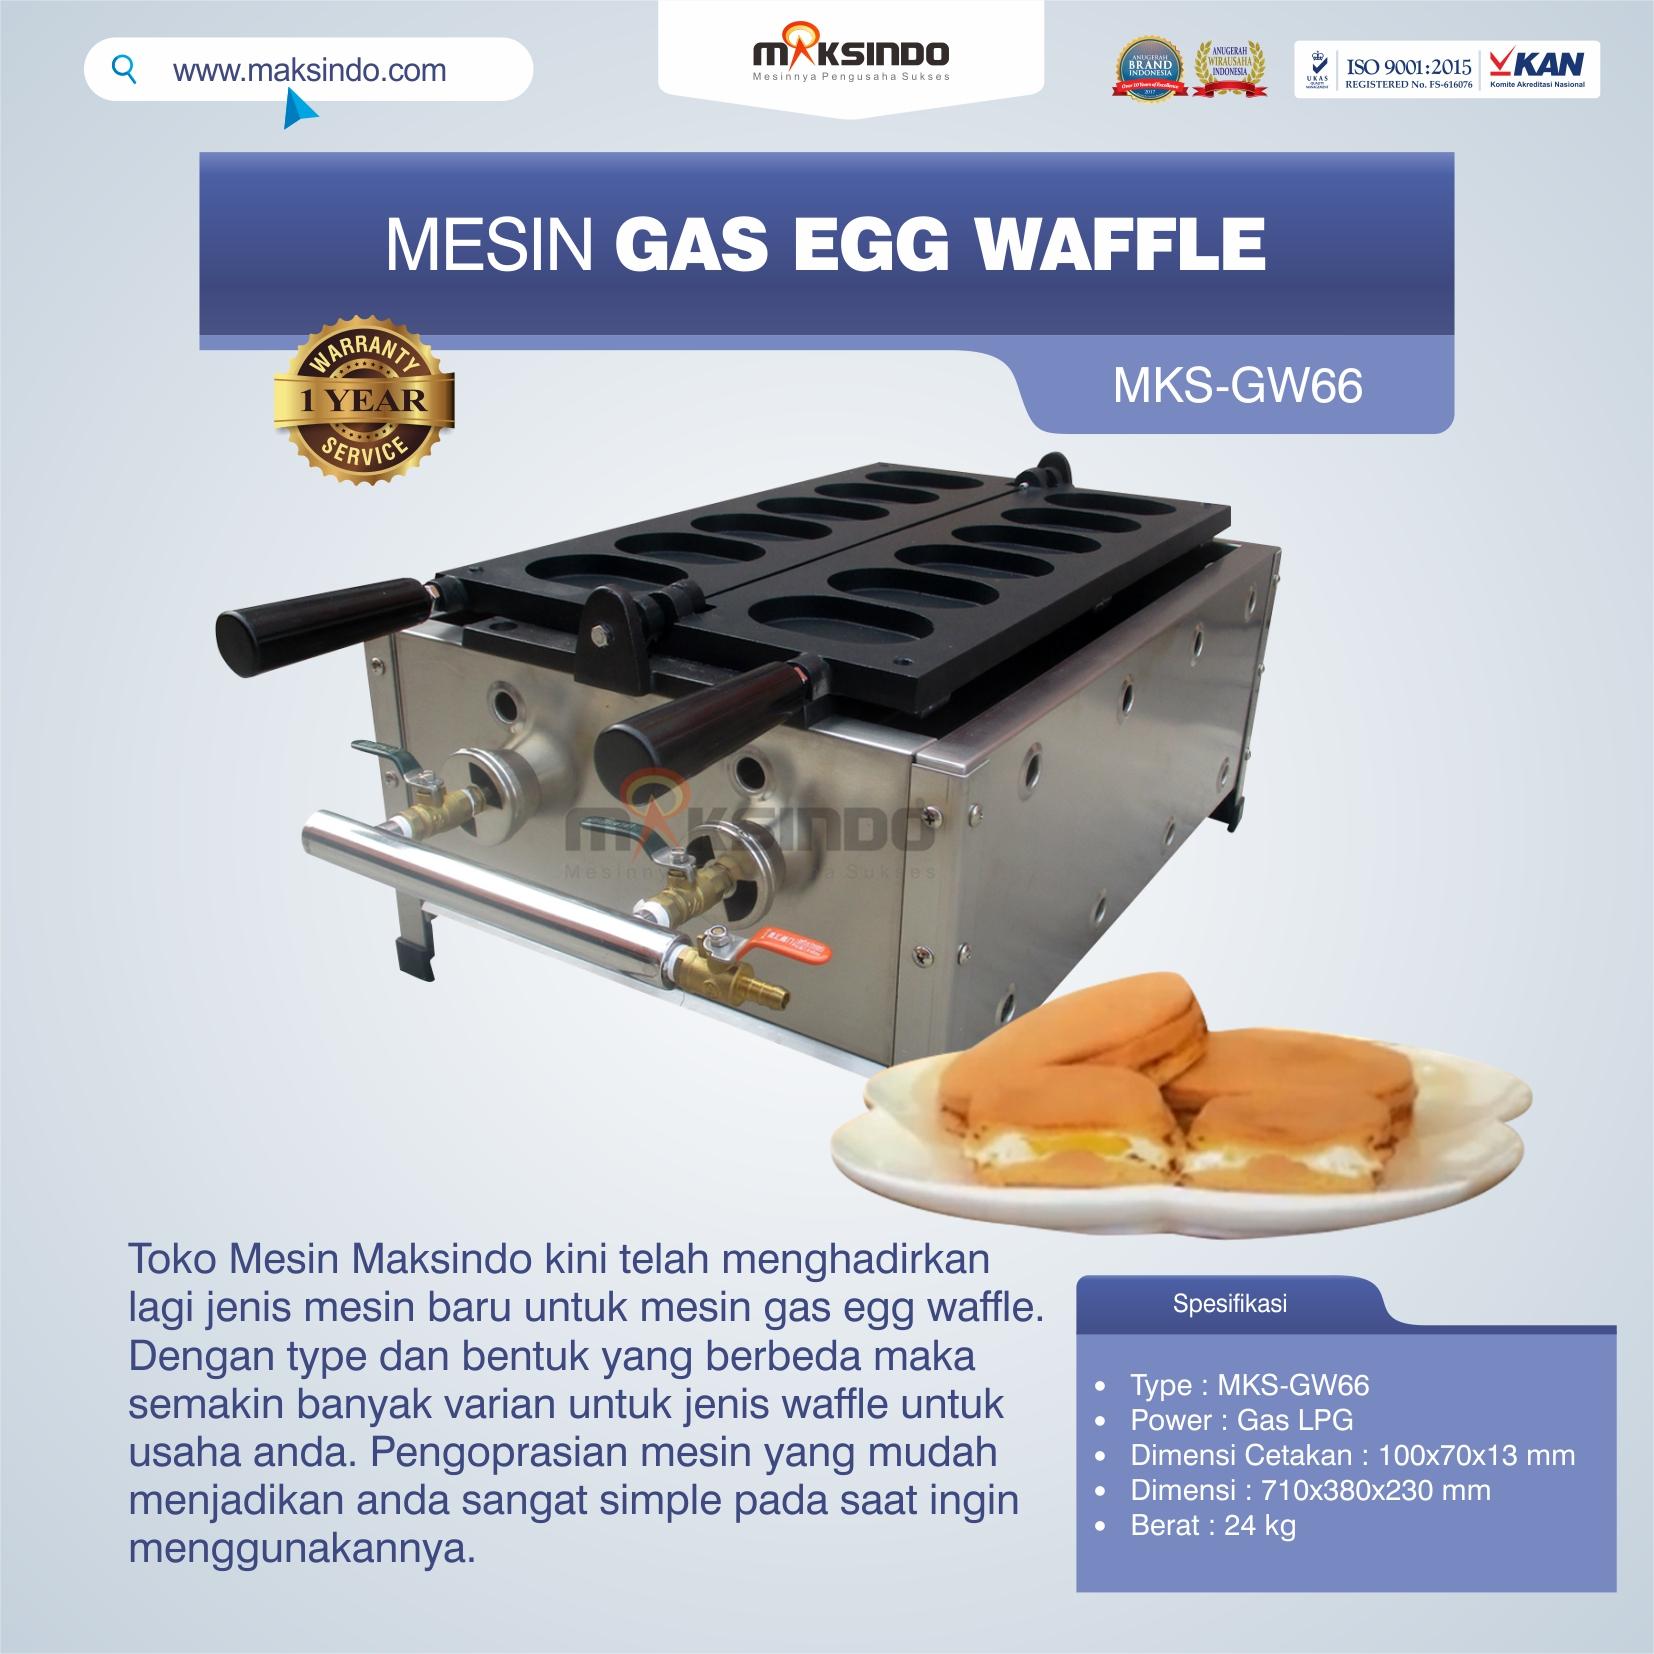 Jual Mesin Gas Egg Waffle MKS-GW66 di Tangerang